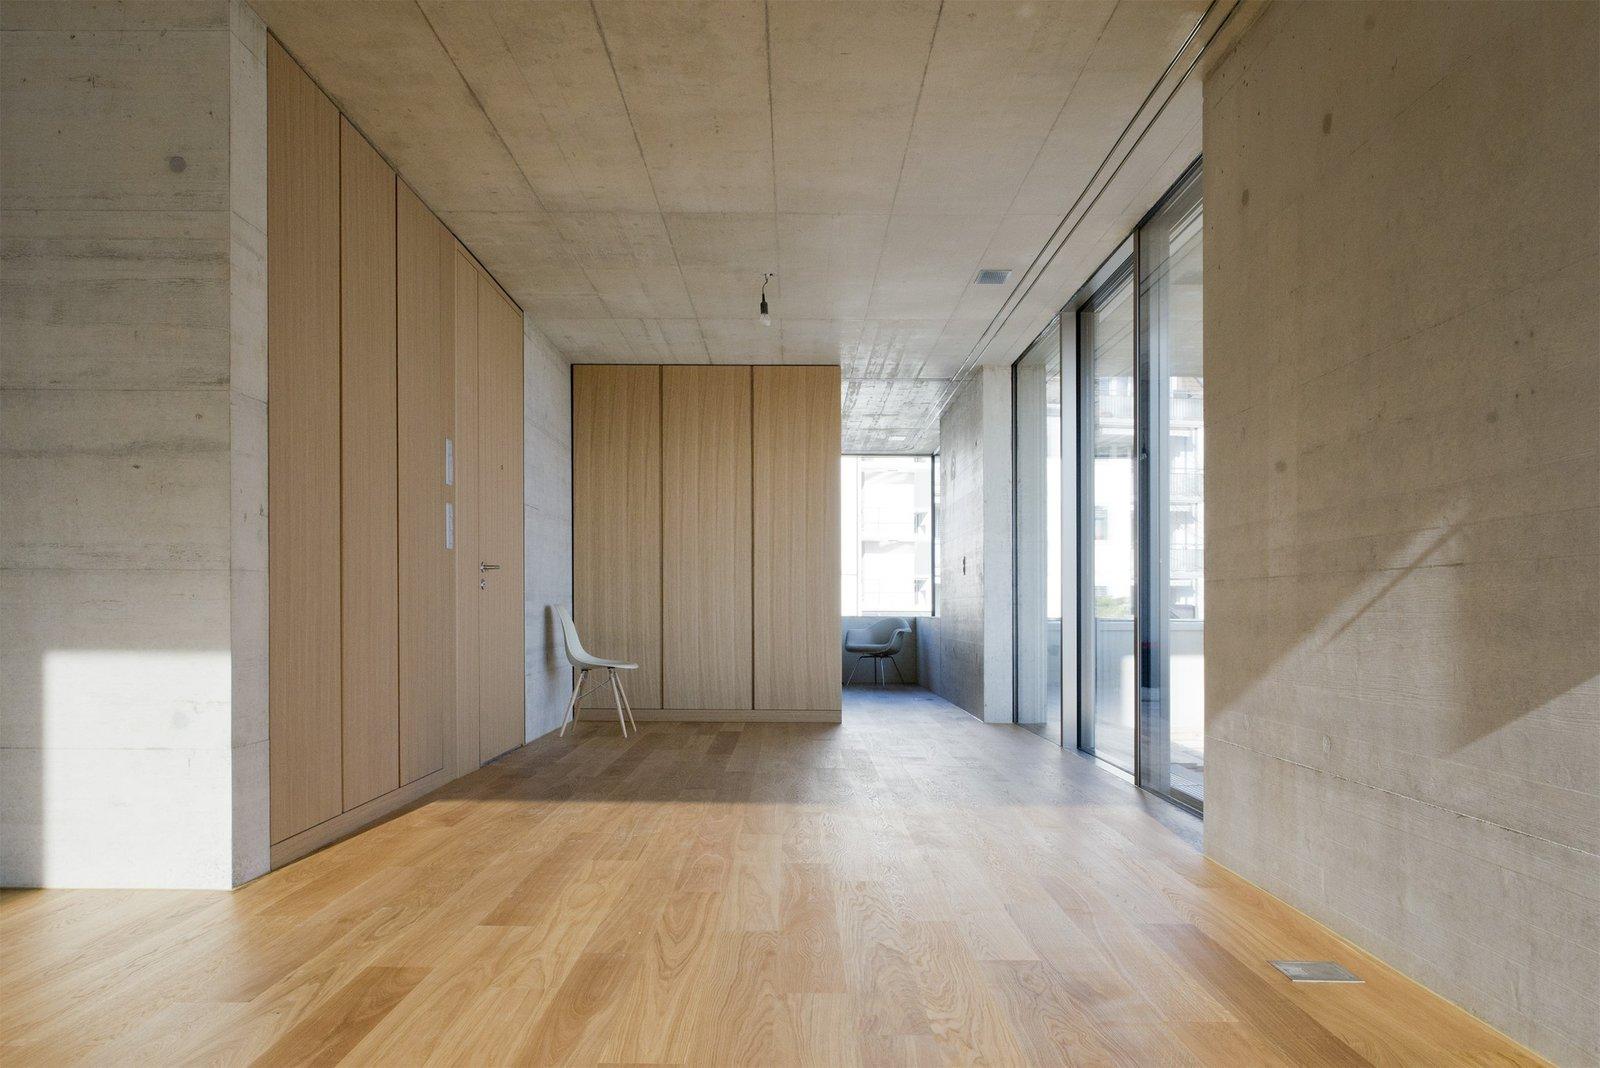 Photo 4 of 5 in Mehrfamilienhaus in Männedorf by Hurst Song Architekten